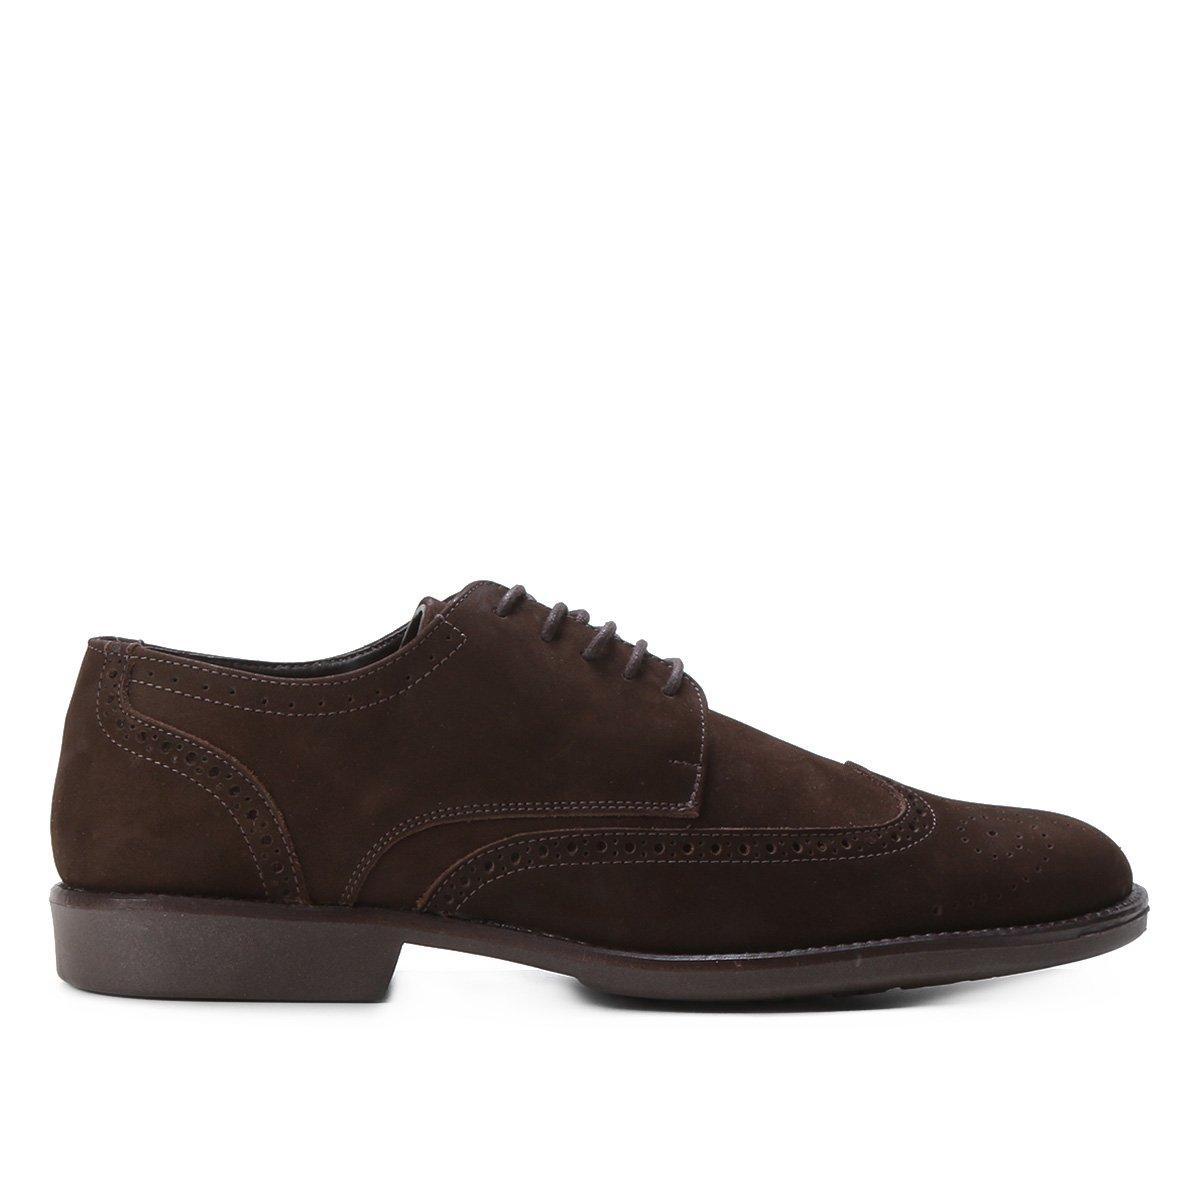 Sapato Couro Shoestock Cadarço Brogue Feminino